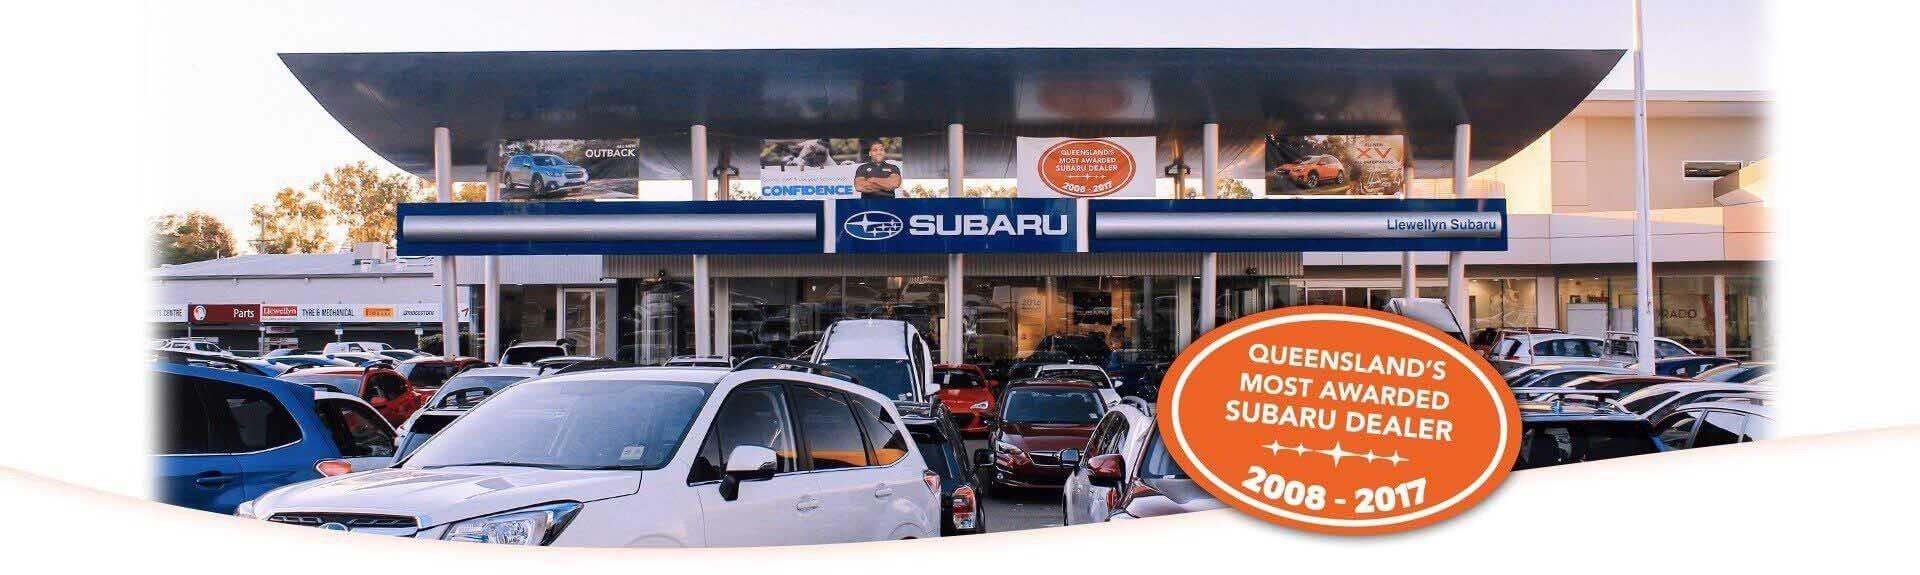 Llewellyn Subaru - Subaru Most Awarded Dealer